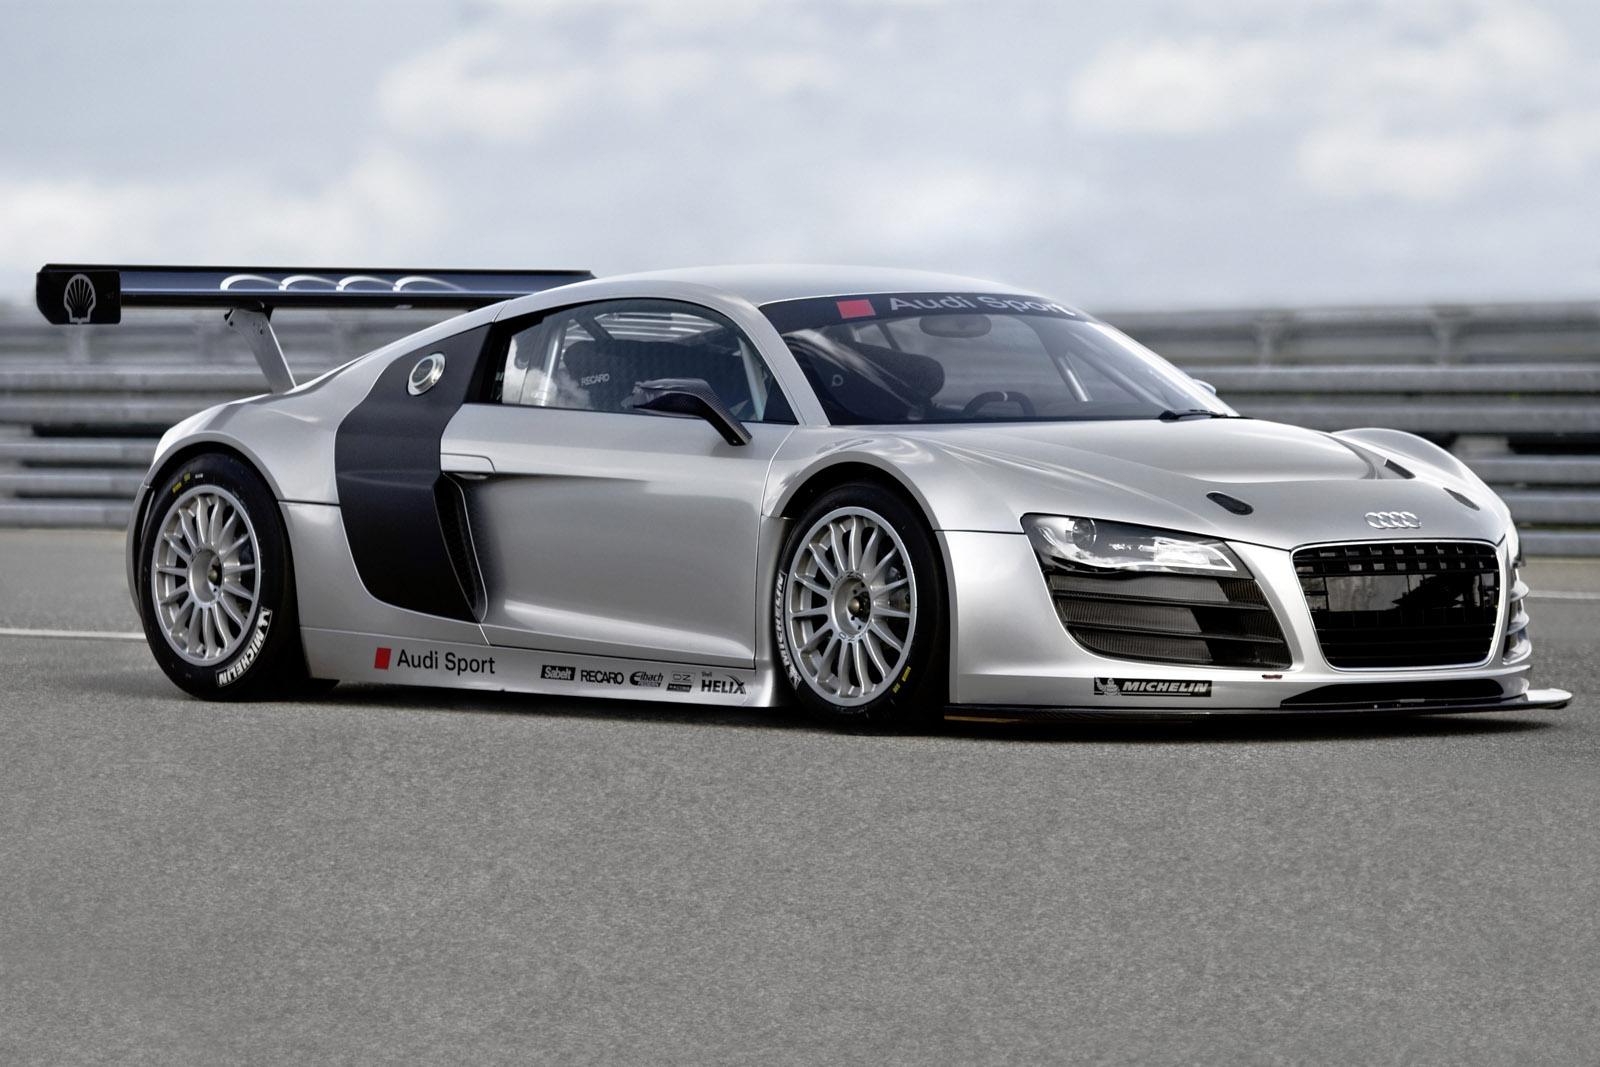 Audi r8 r